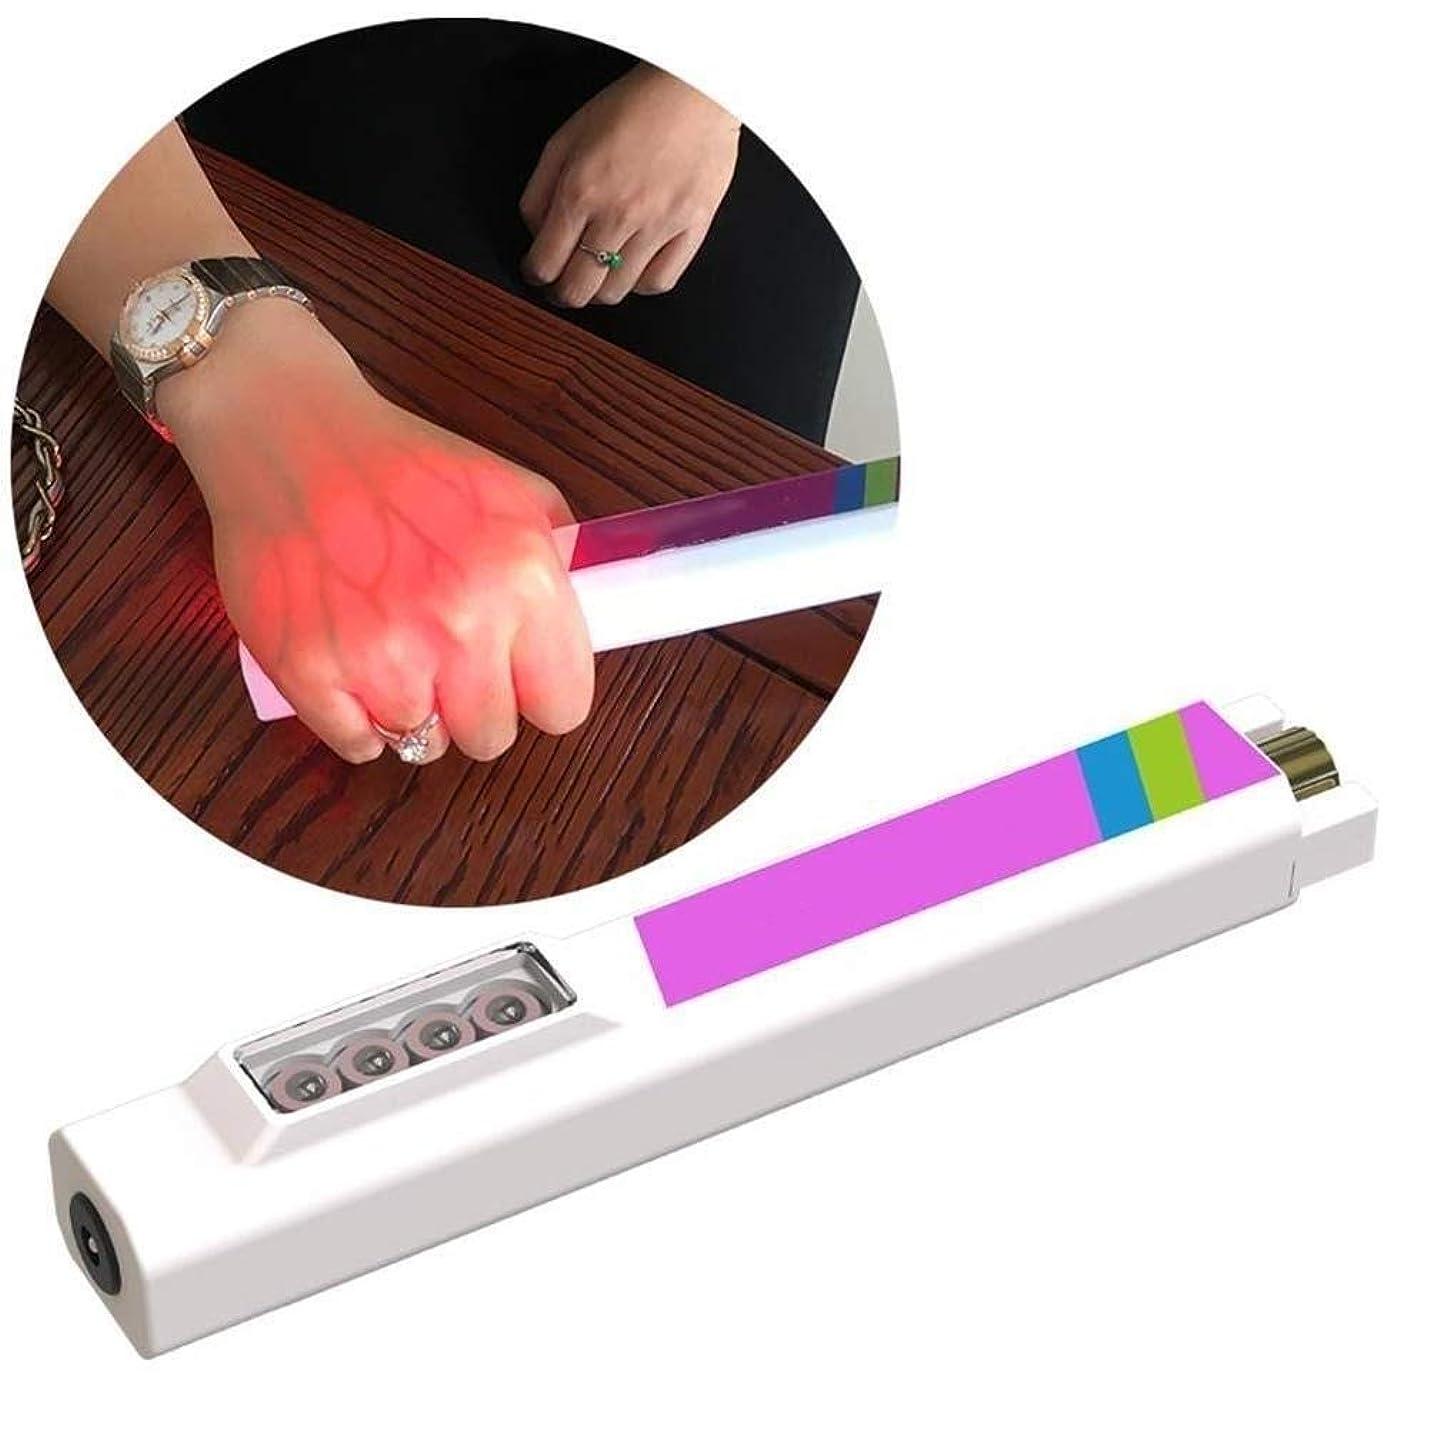 パースブラックボロウ開始叫ぶ静脈イメージング懐中電灯血管ディスプレイ懐中電灯手穿刺による血管ライトの確認皮下静脈デバイスの発見が容易